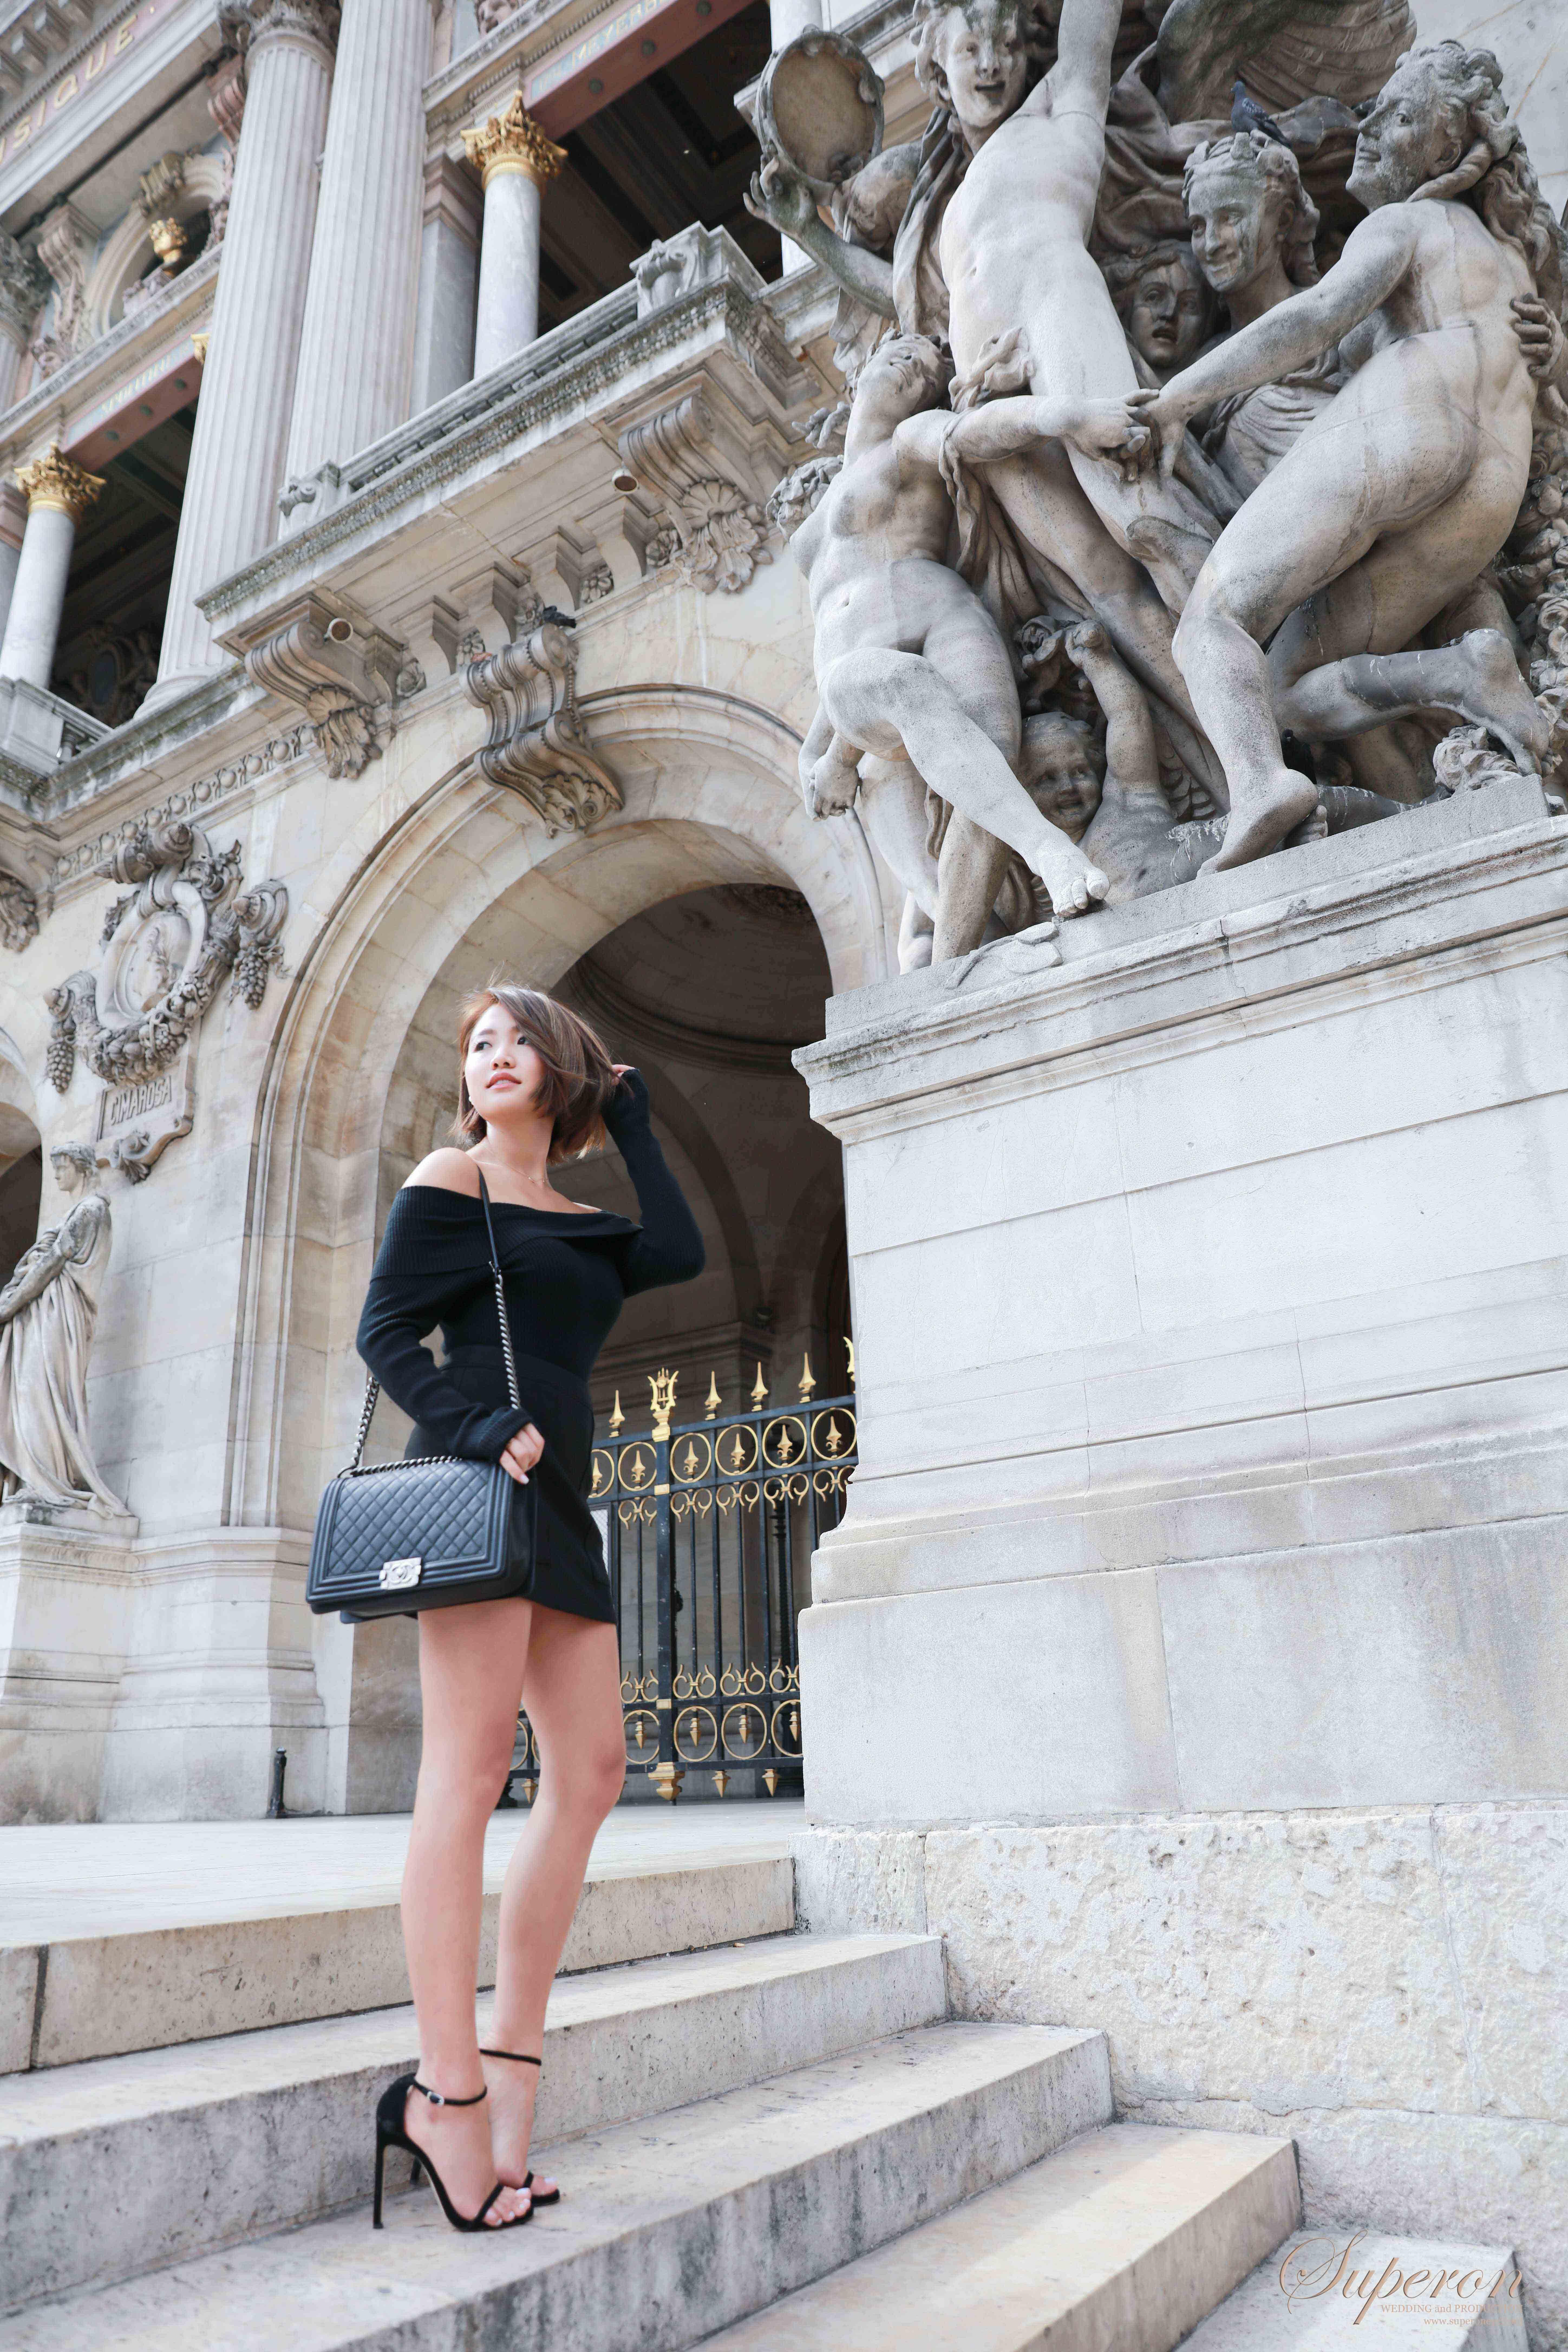 巴黎婚紗攝影   法國巴黎婚紗攝影   巴黎旅拍